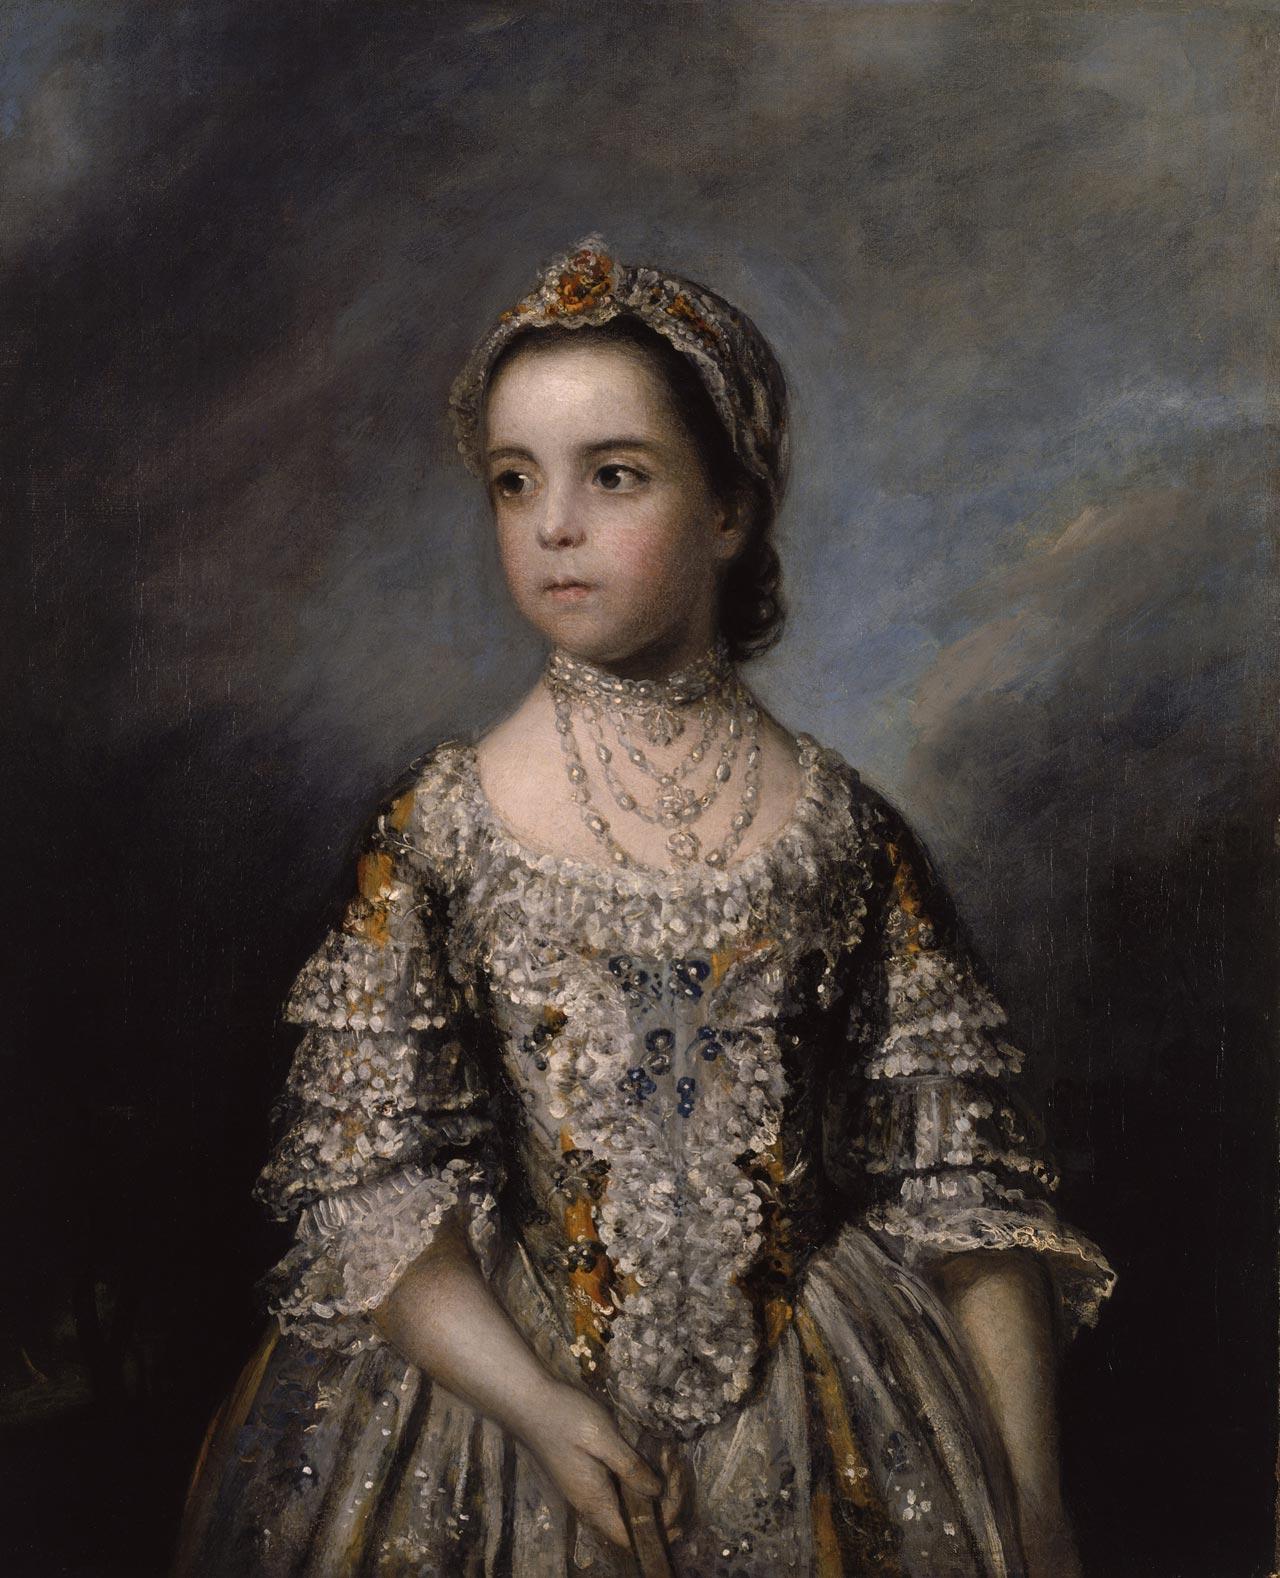 Joshua Reynolds »Porträt von Rebecca Watson, 1758«. Arp Museum Bahnhof Rolandseck/Sammlung Rau für UNICEF.